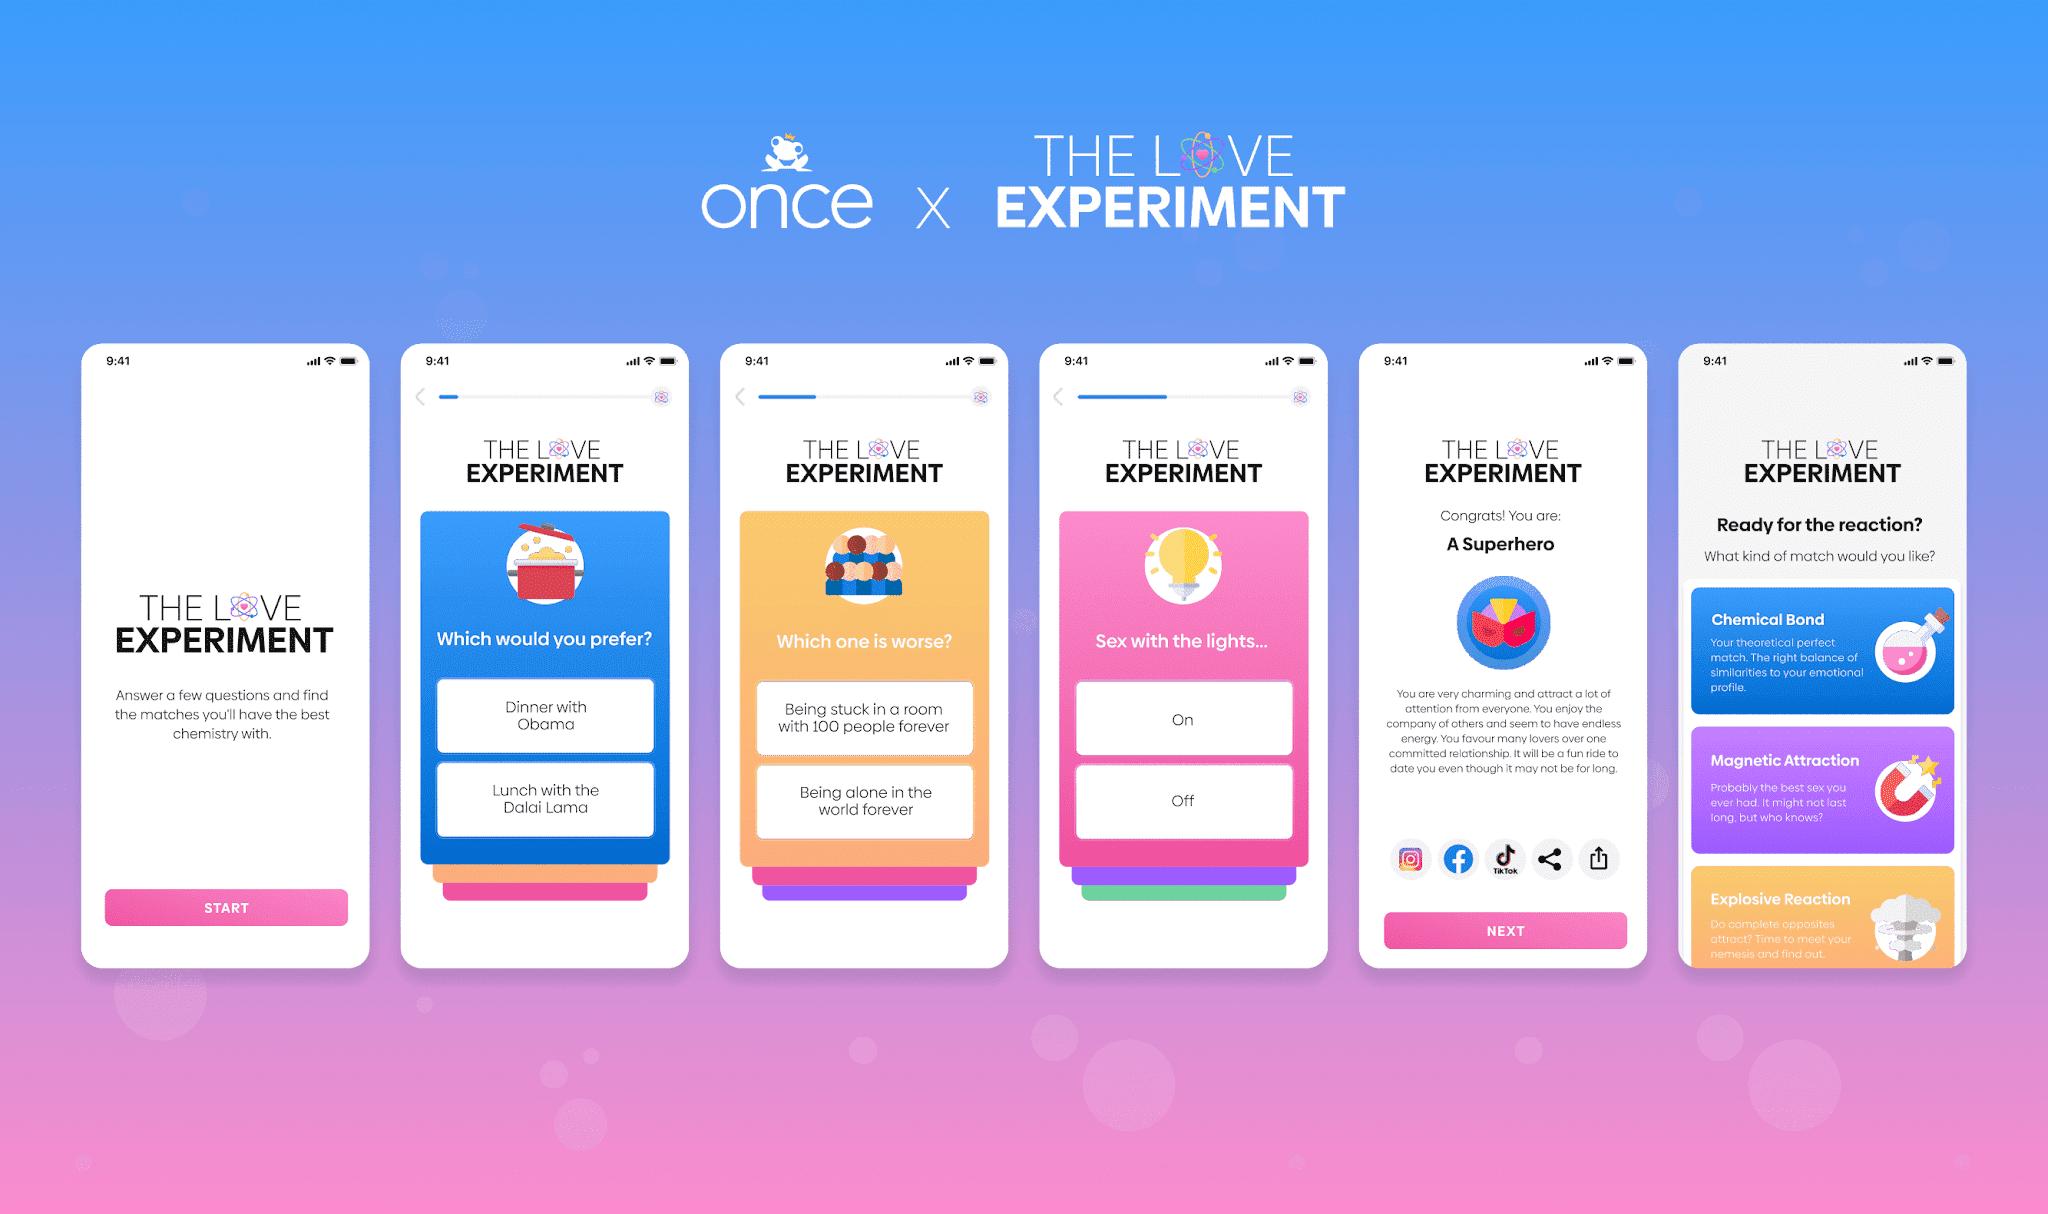 新しい出会い系アプリは、雑用をスリリングな「愛の実験」に変えることで、家父長制の繰り返しのマッチングを終了します|レビュー